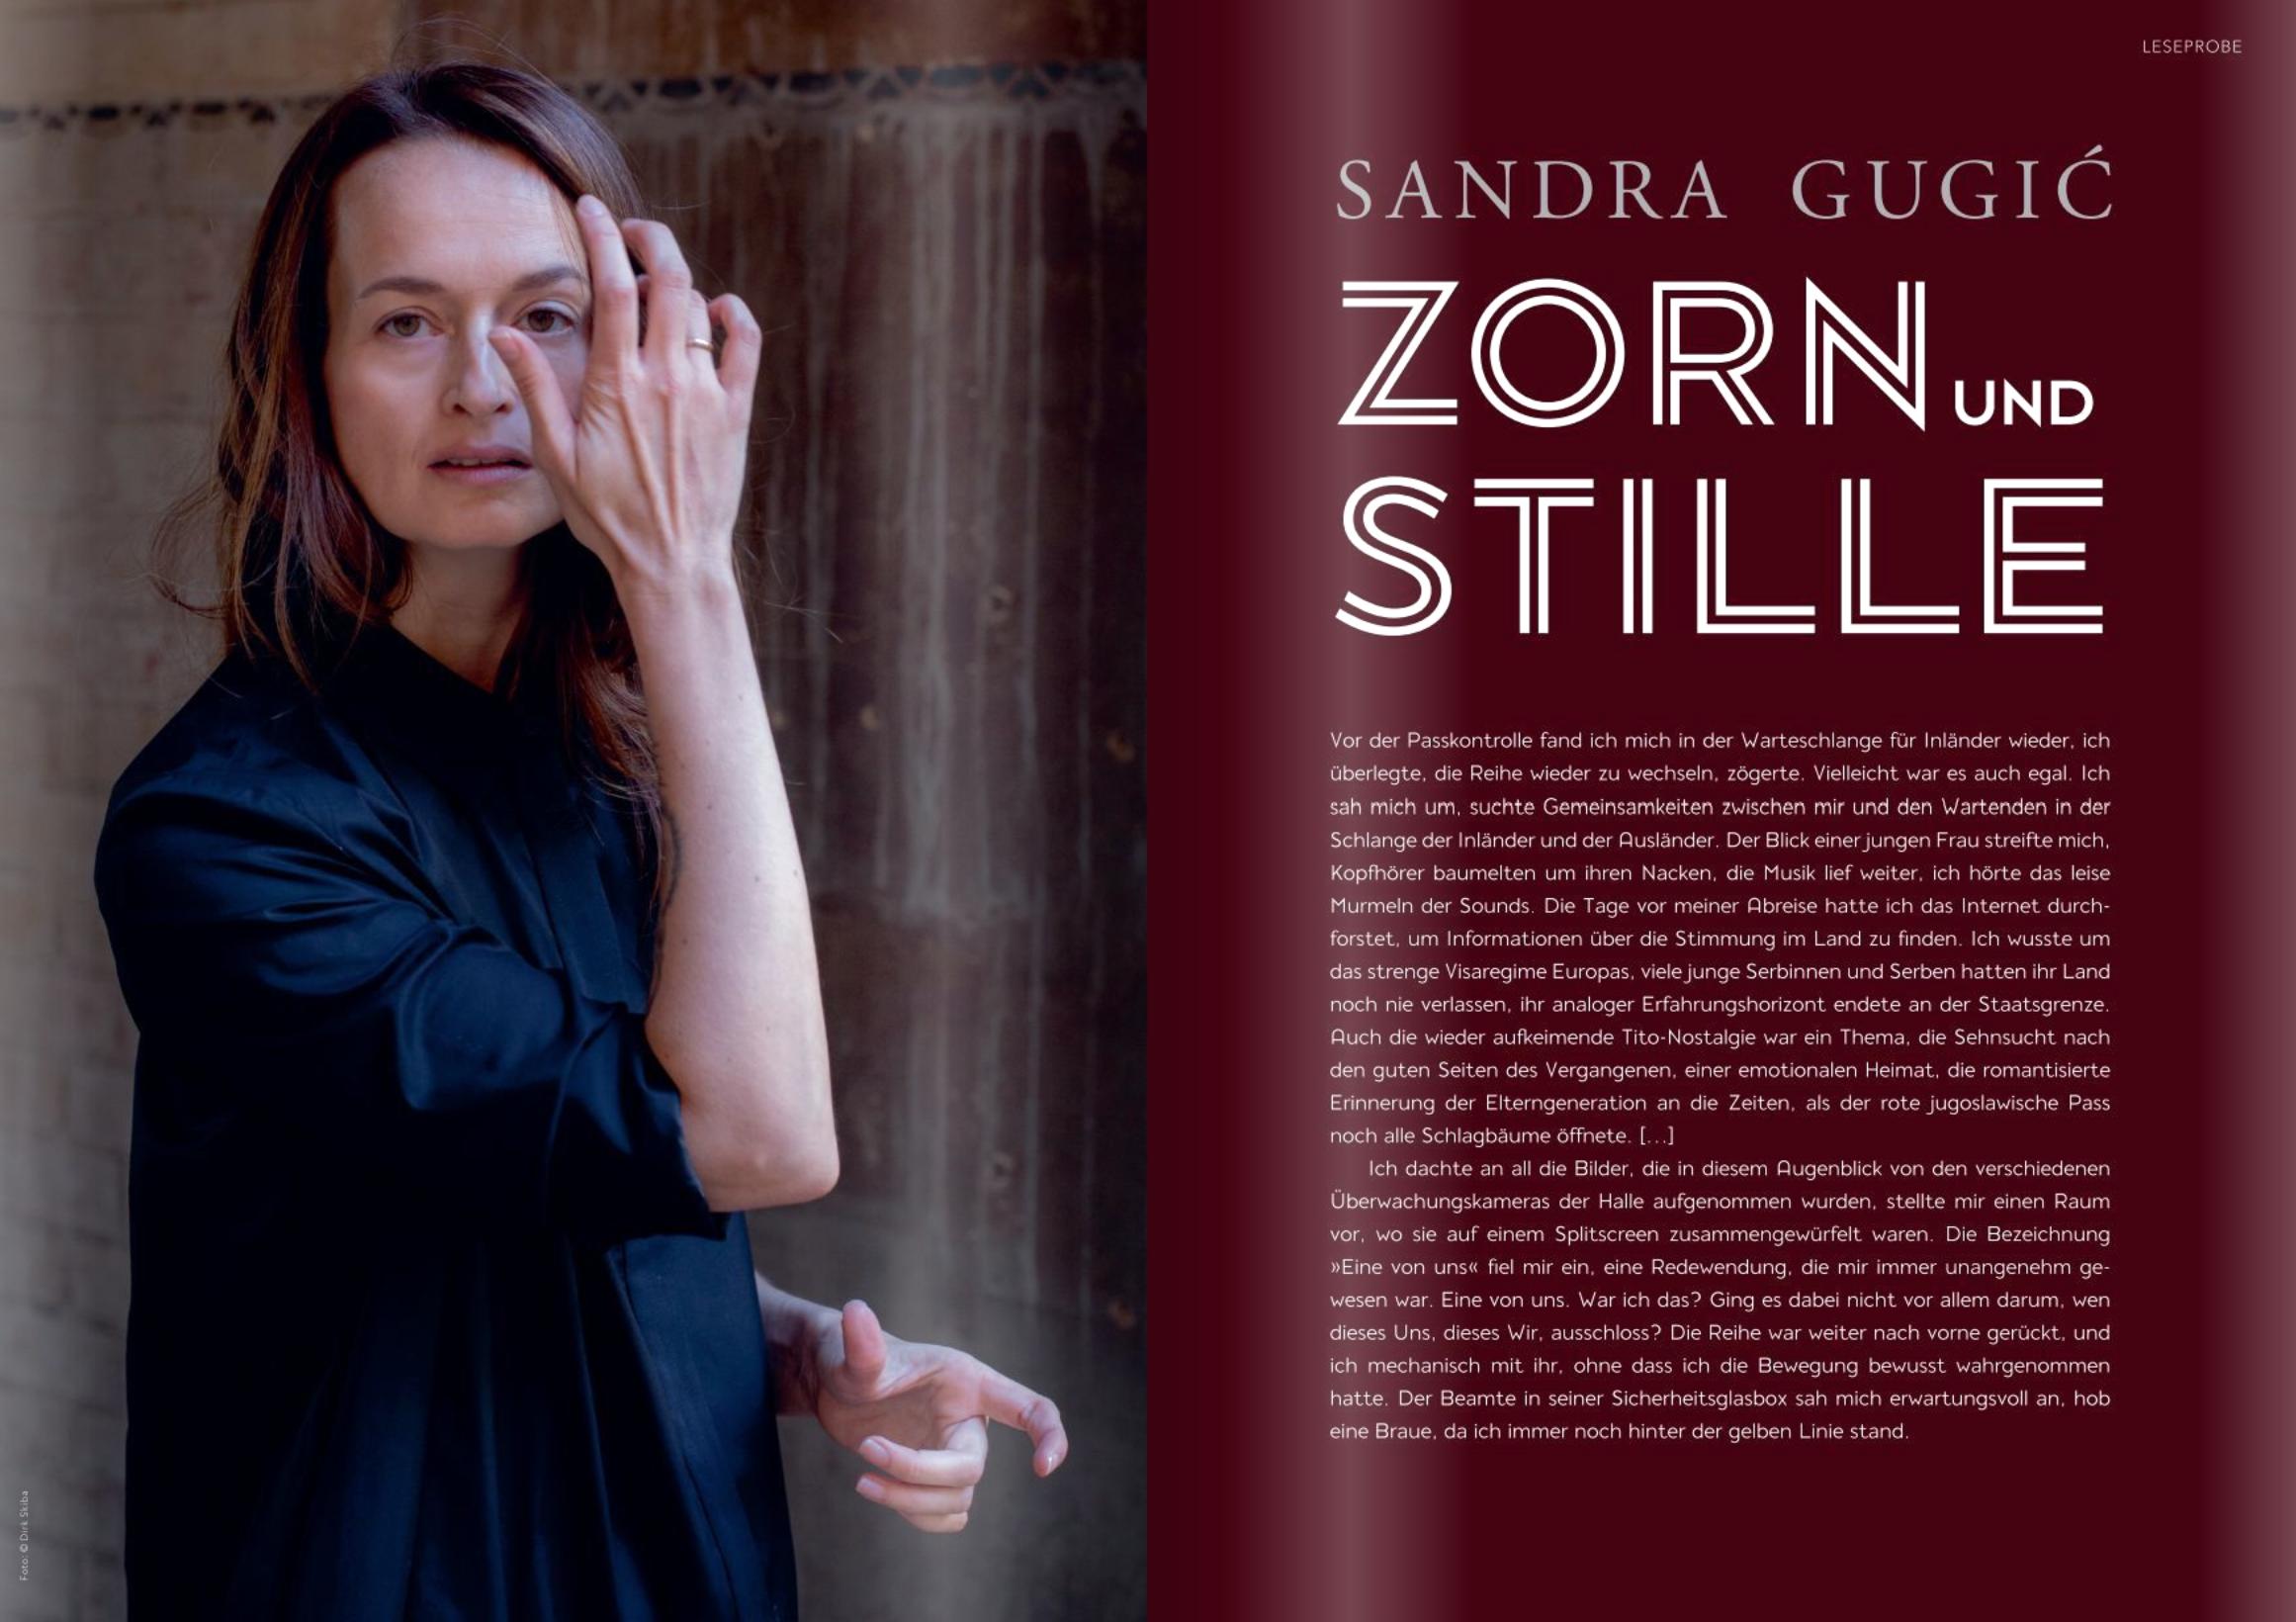 Sandra Gugić, Zorn und Stille